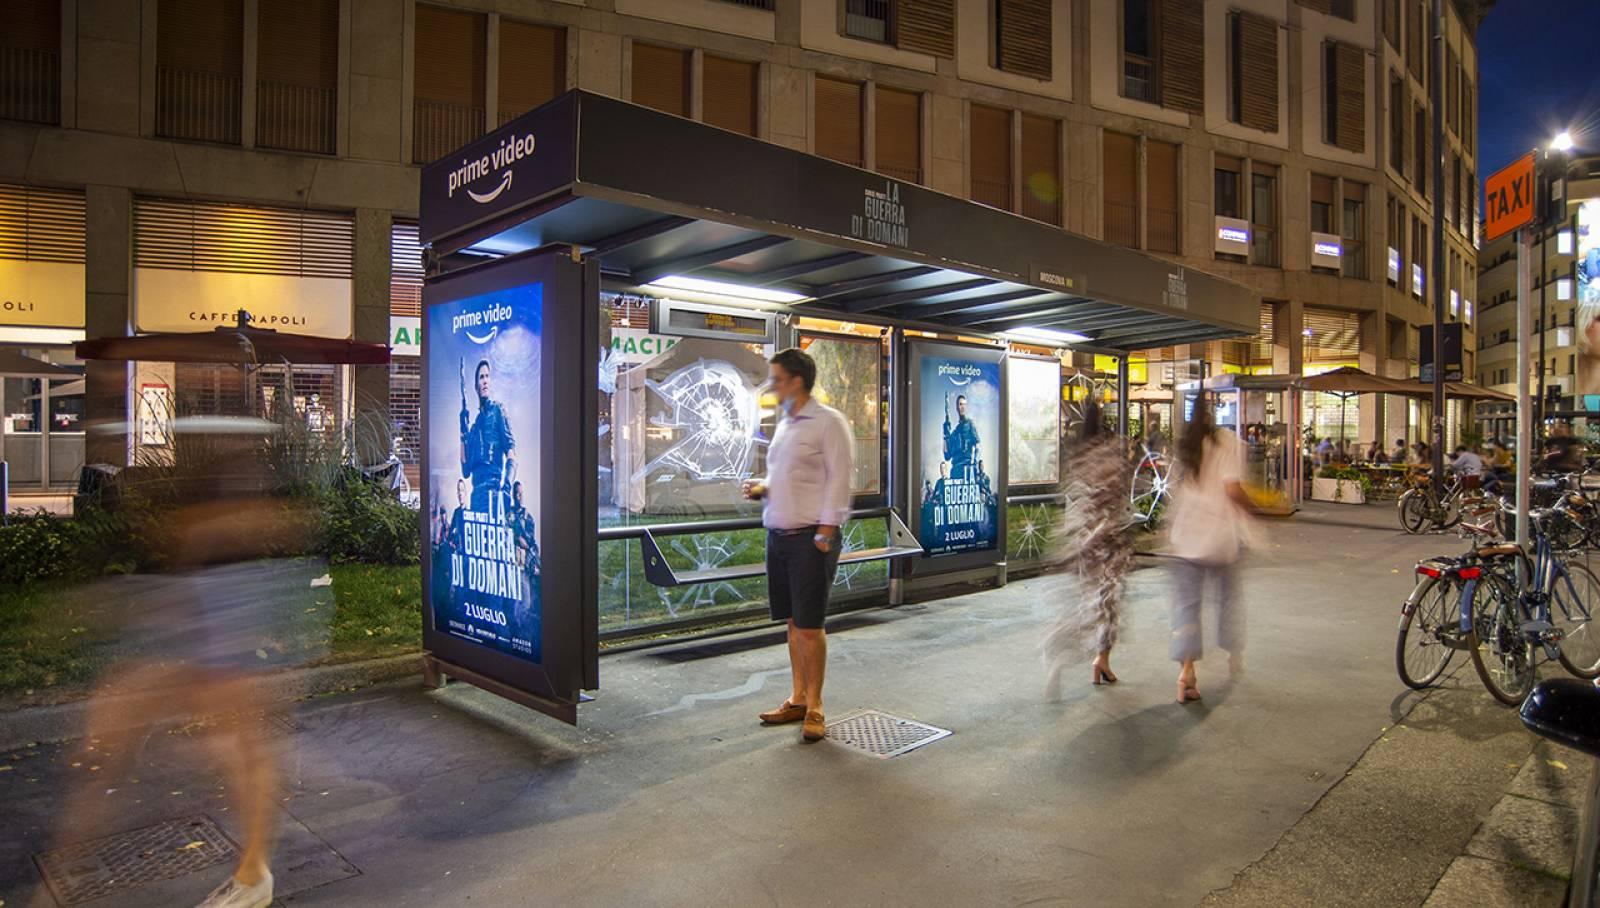 pubblicità sulle pensiline IGPDecaux Creative Solutions brand pensilina per Amazon Prime Video a Milano